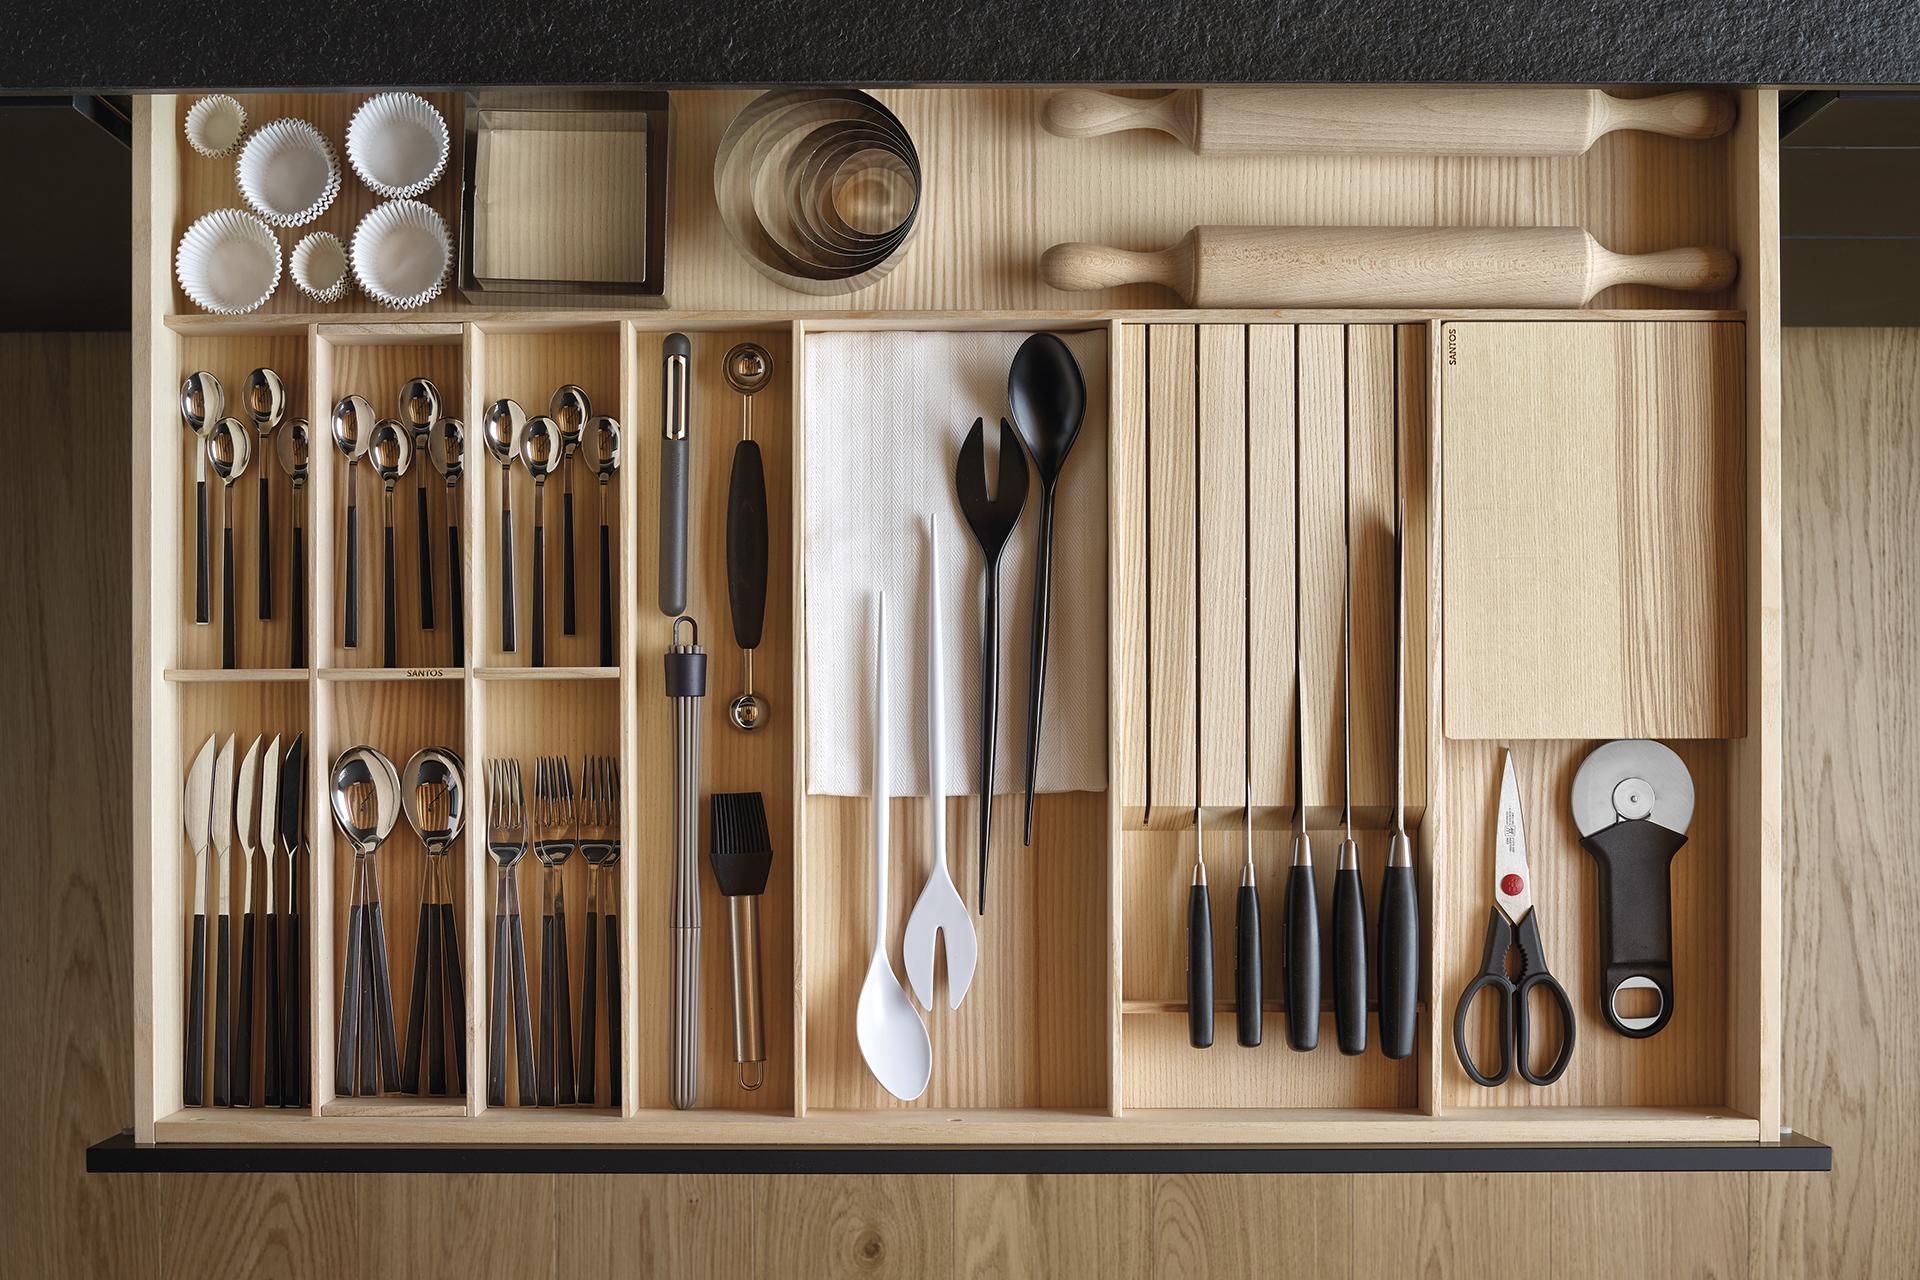 Accessoires de cuisine conçus par Santos